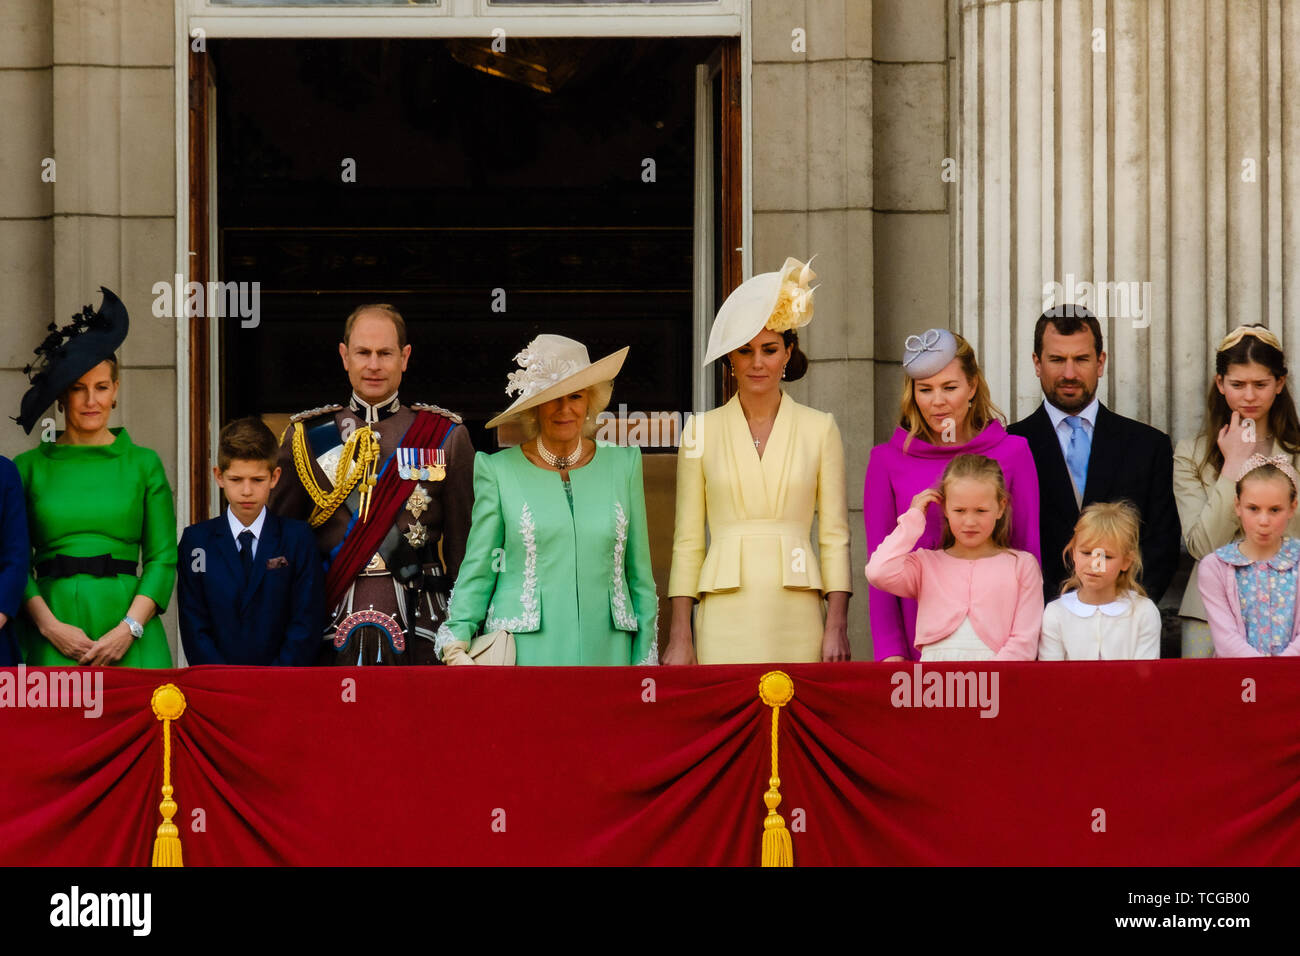 London, UK  08th June, 2019  Members of the Royal Family